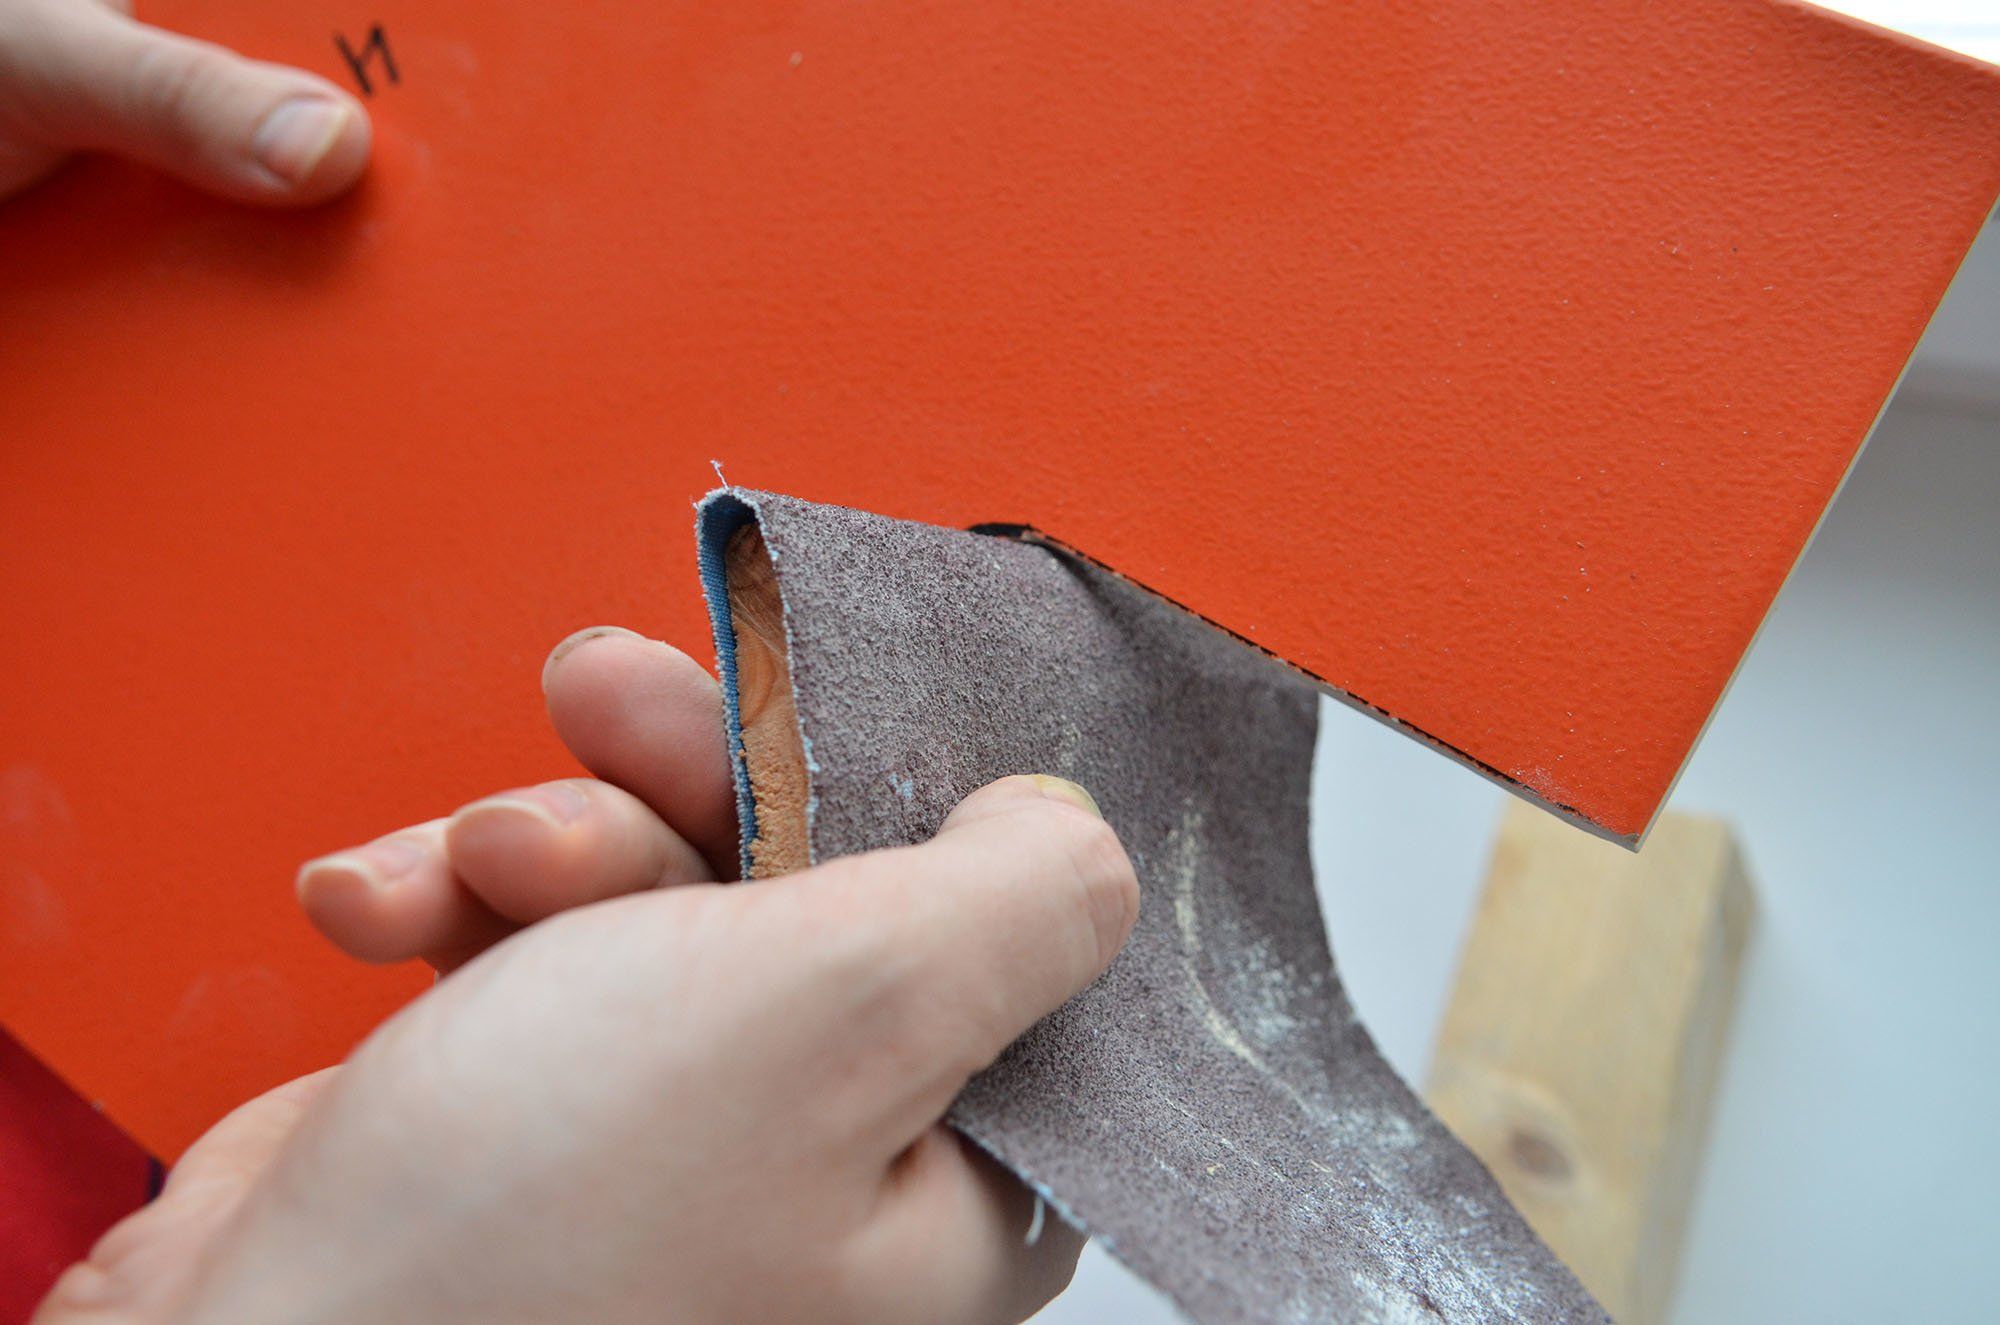 Зашлифовать неровности в месте разреза плитки